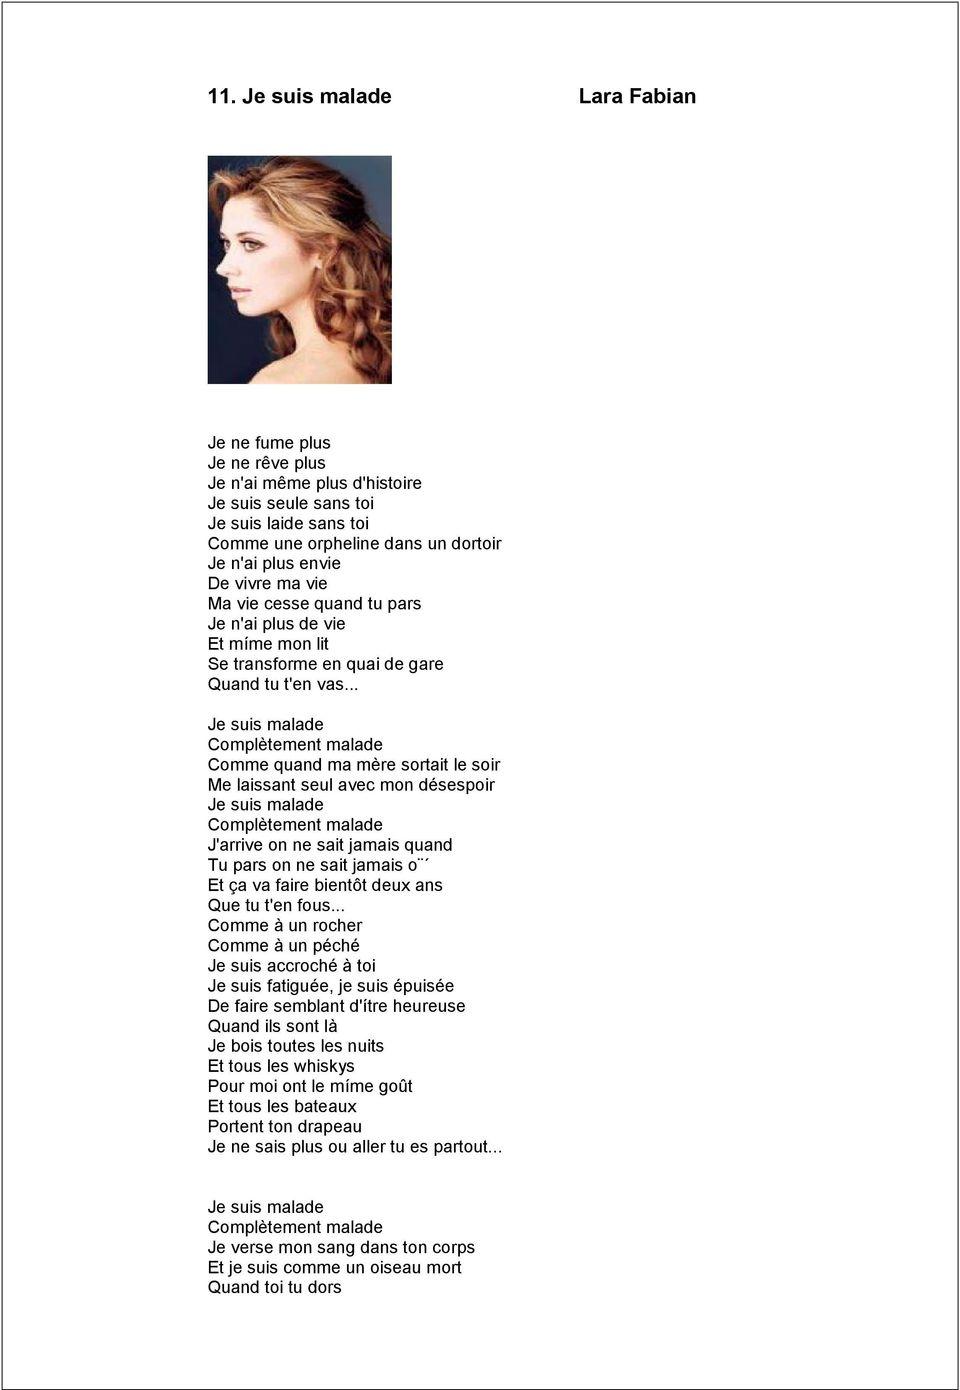 Paroles De Je Suis Malade : paroles, malade, Malade,, Complètement, Malade, Comme, Quand, Mère, Anciens, Réunions